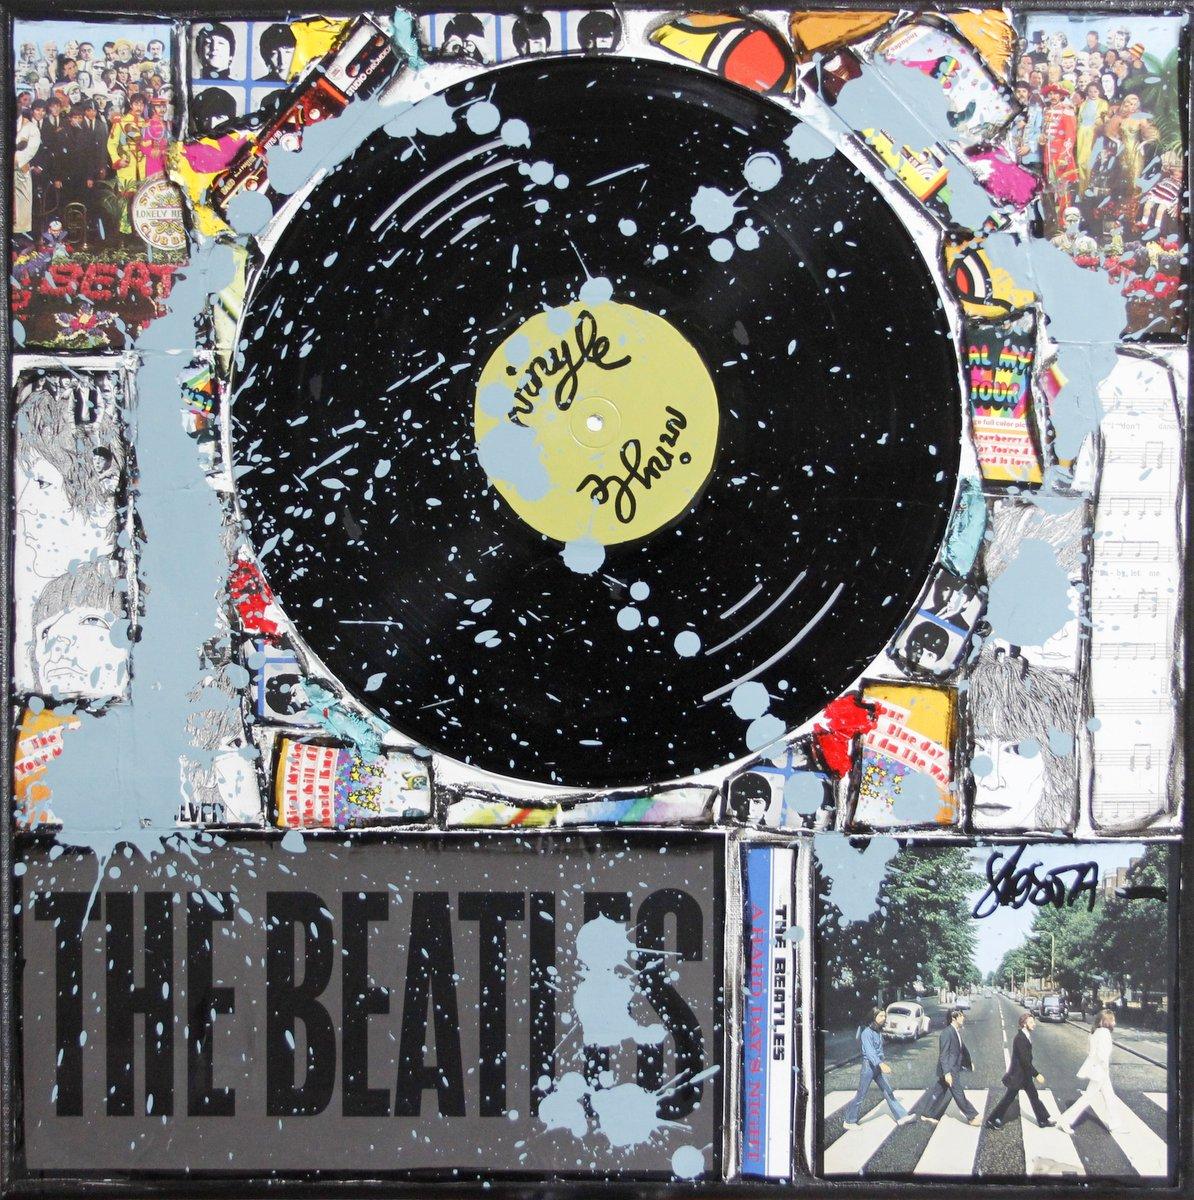 vinyle, beatles collage Tableau Contemporain, Blue Beatles. Sophie Costa, artiste peintre.